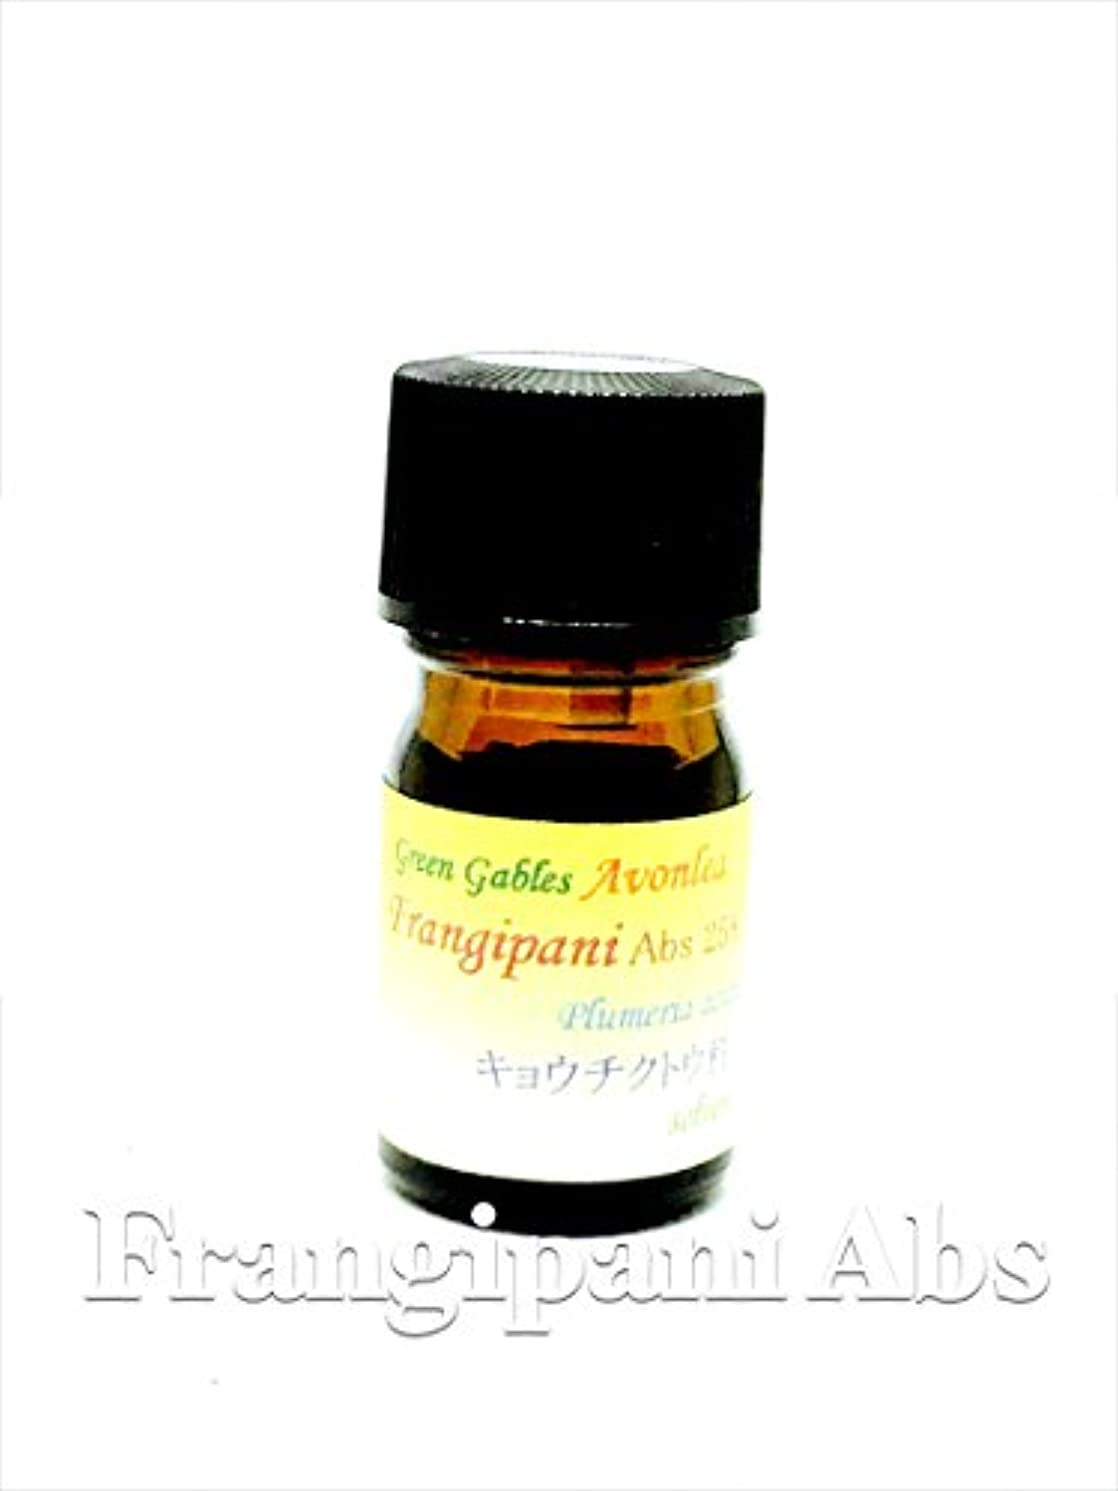 同情浸透する第五フランジュパ二Abs ピュアエッセンシャルオイル精油 (プルメリアAbs) (30ml)